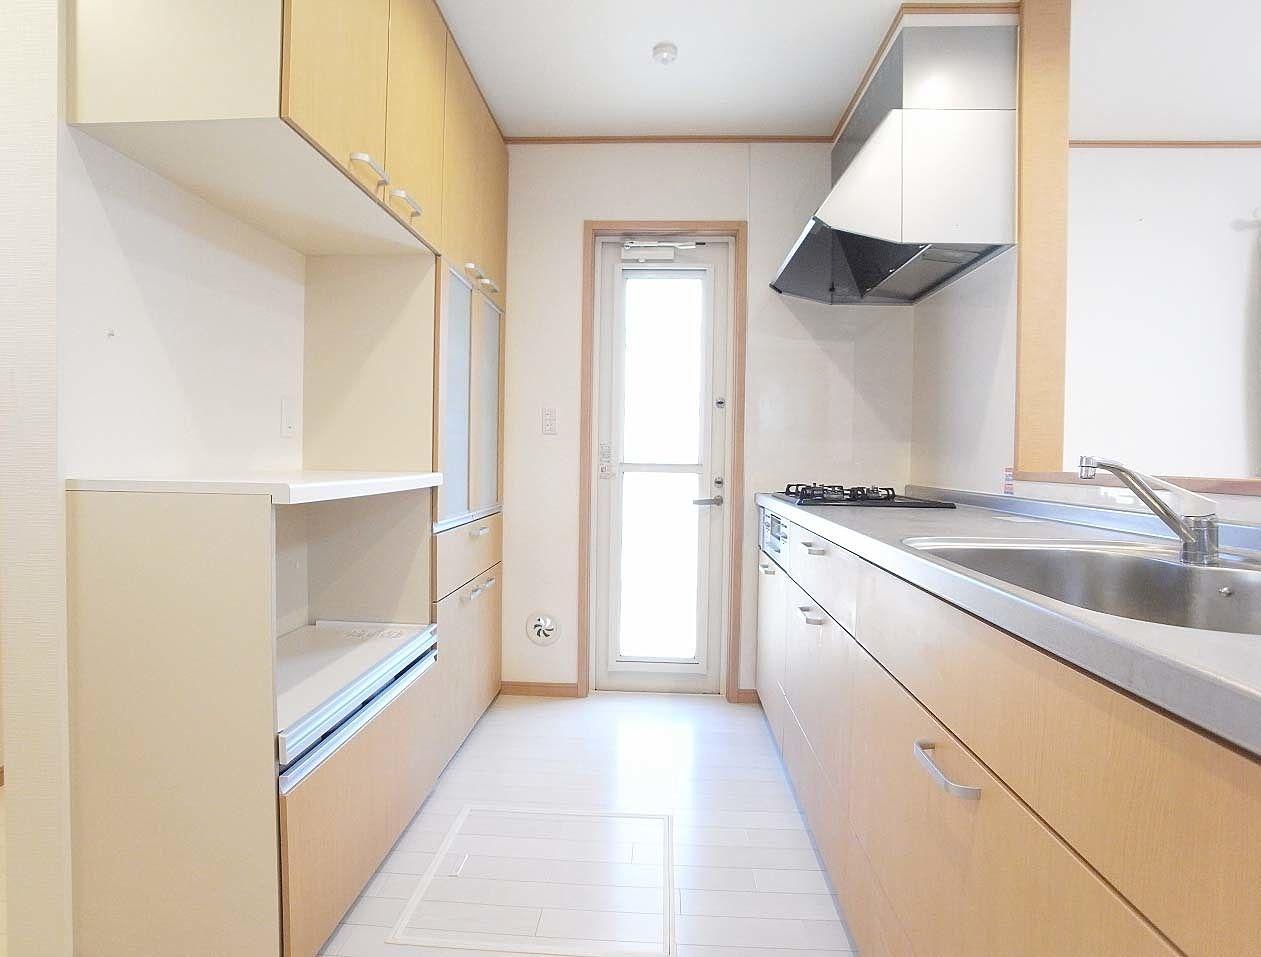 キッチンと食器棚がお揃いになっています。床下収納もあります。